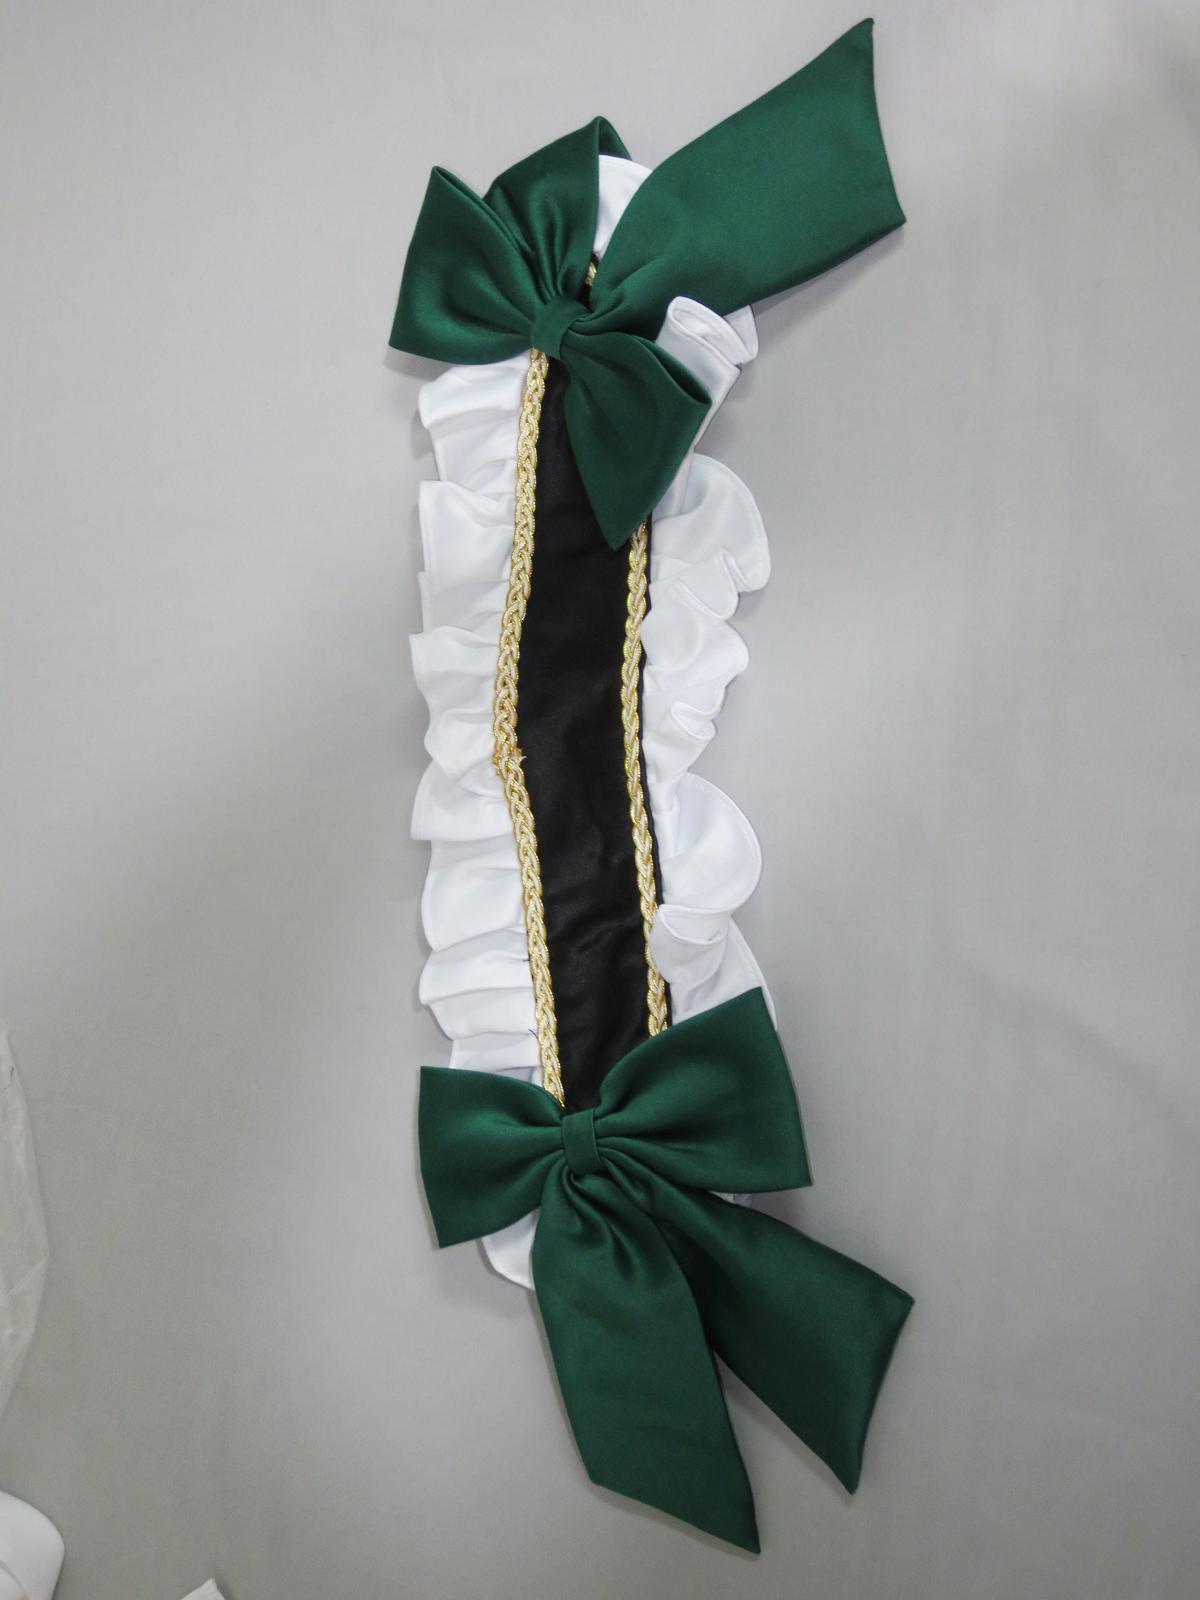 블랙 버틀러 Sieglinde 설리반 그린 Witcn 로리타 드레스 코스프레 의상